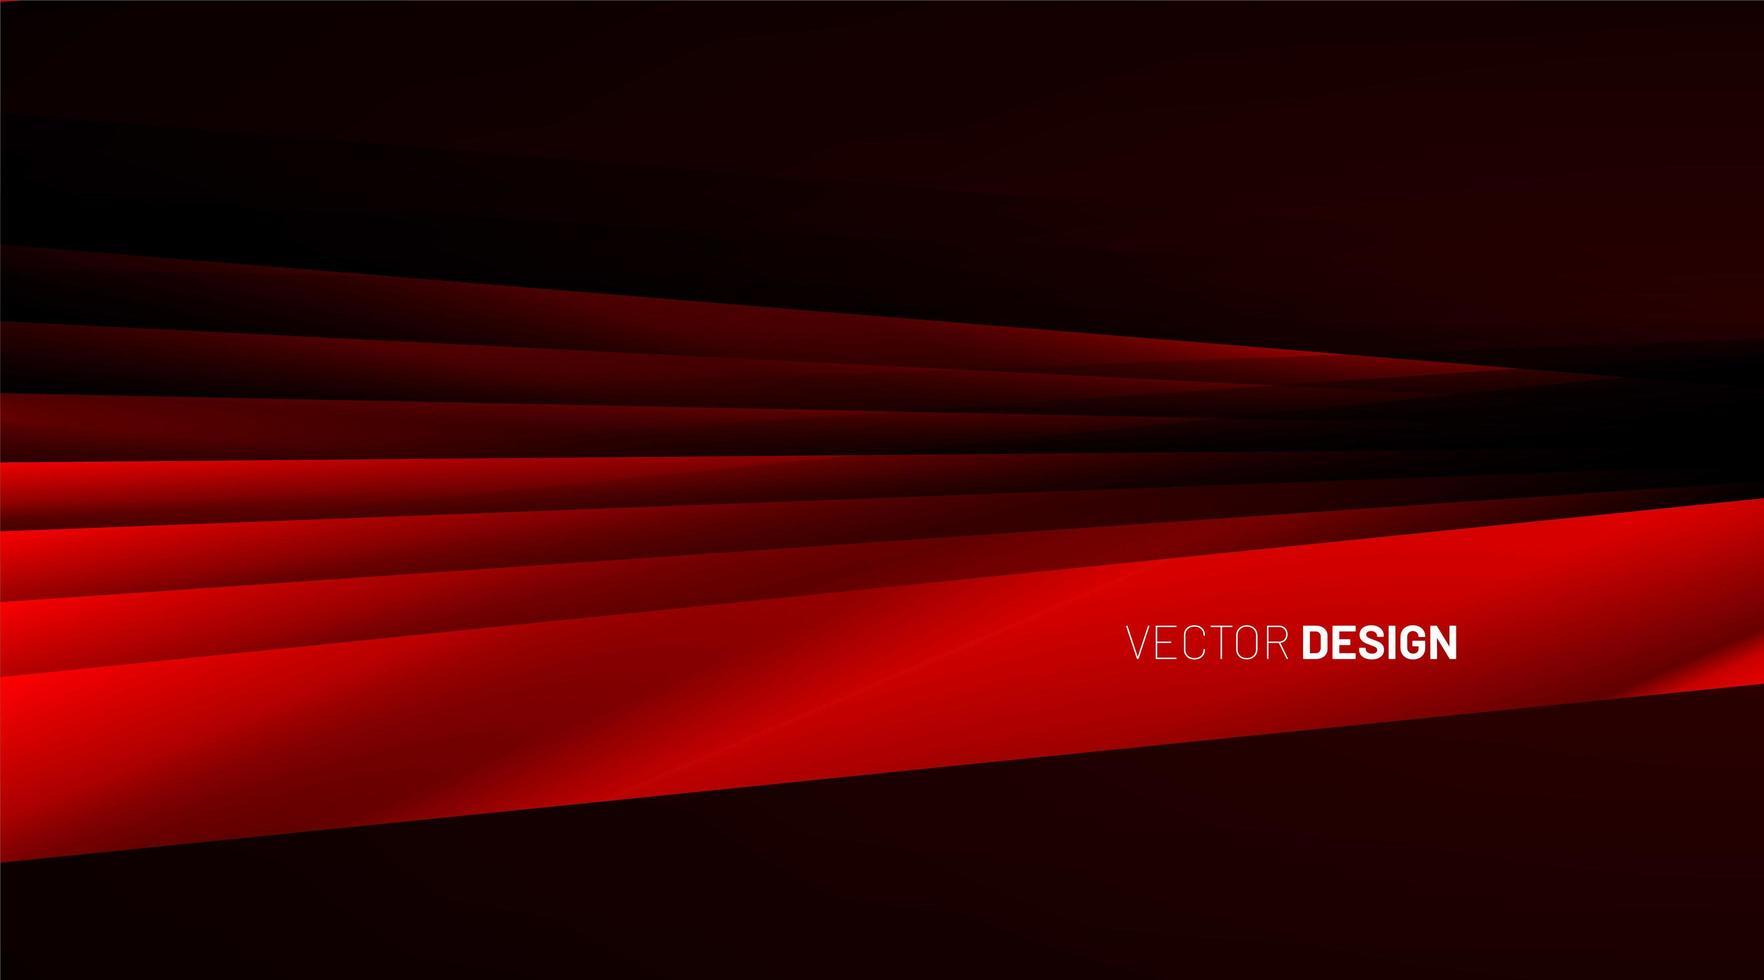 rektangelform överlappar 3d designteknologi bakgrund vektor